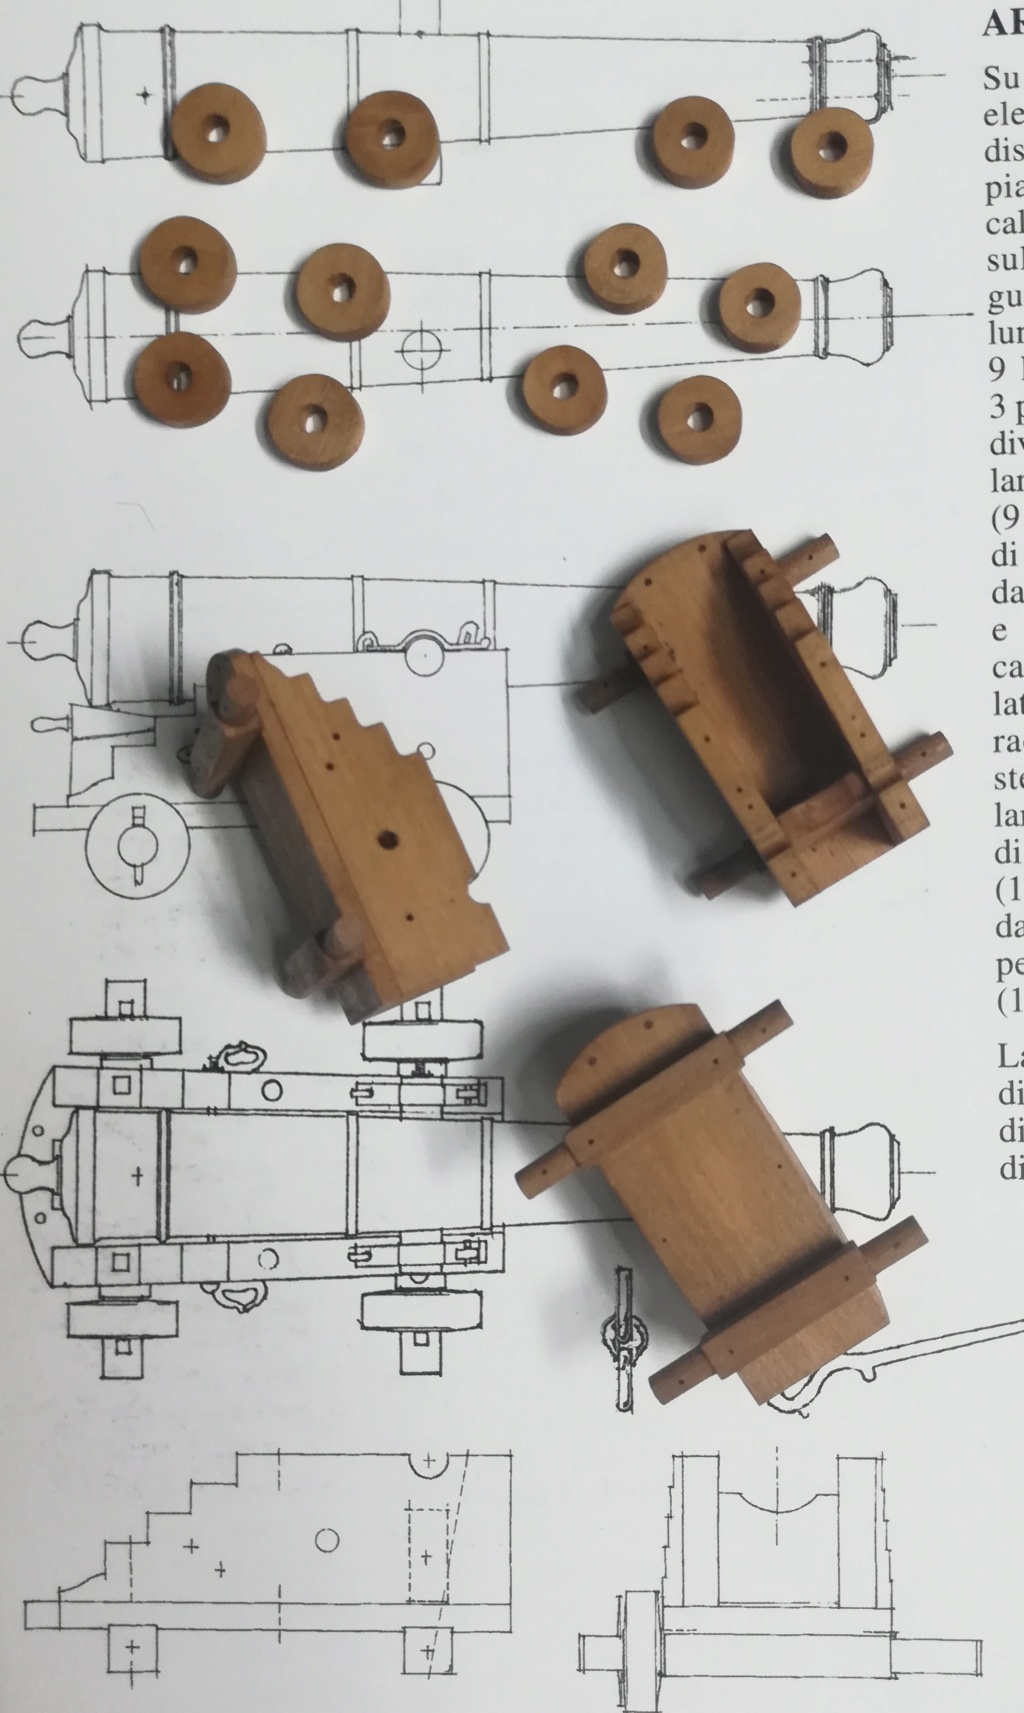 La Belle 1684 scala 1/24  piani ANCRE cantiere di grisuzone  - Pagina 9 Rimg_125